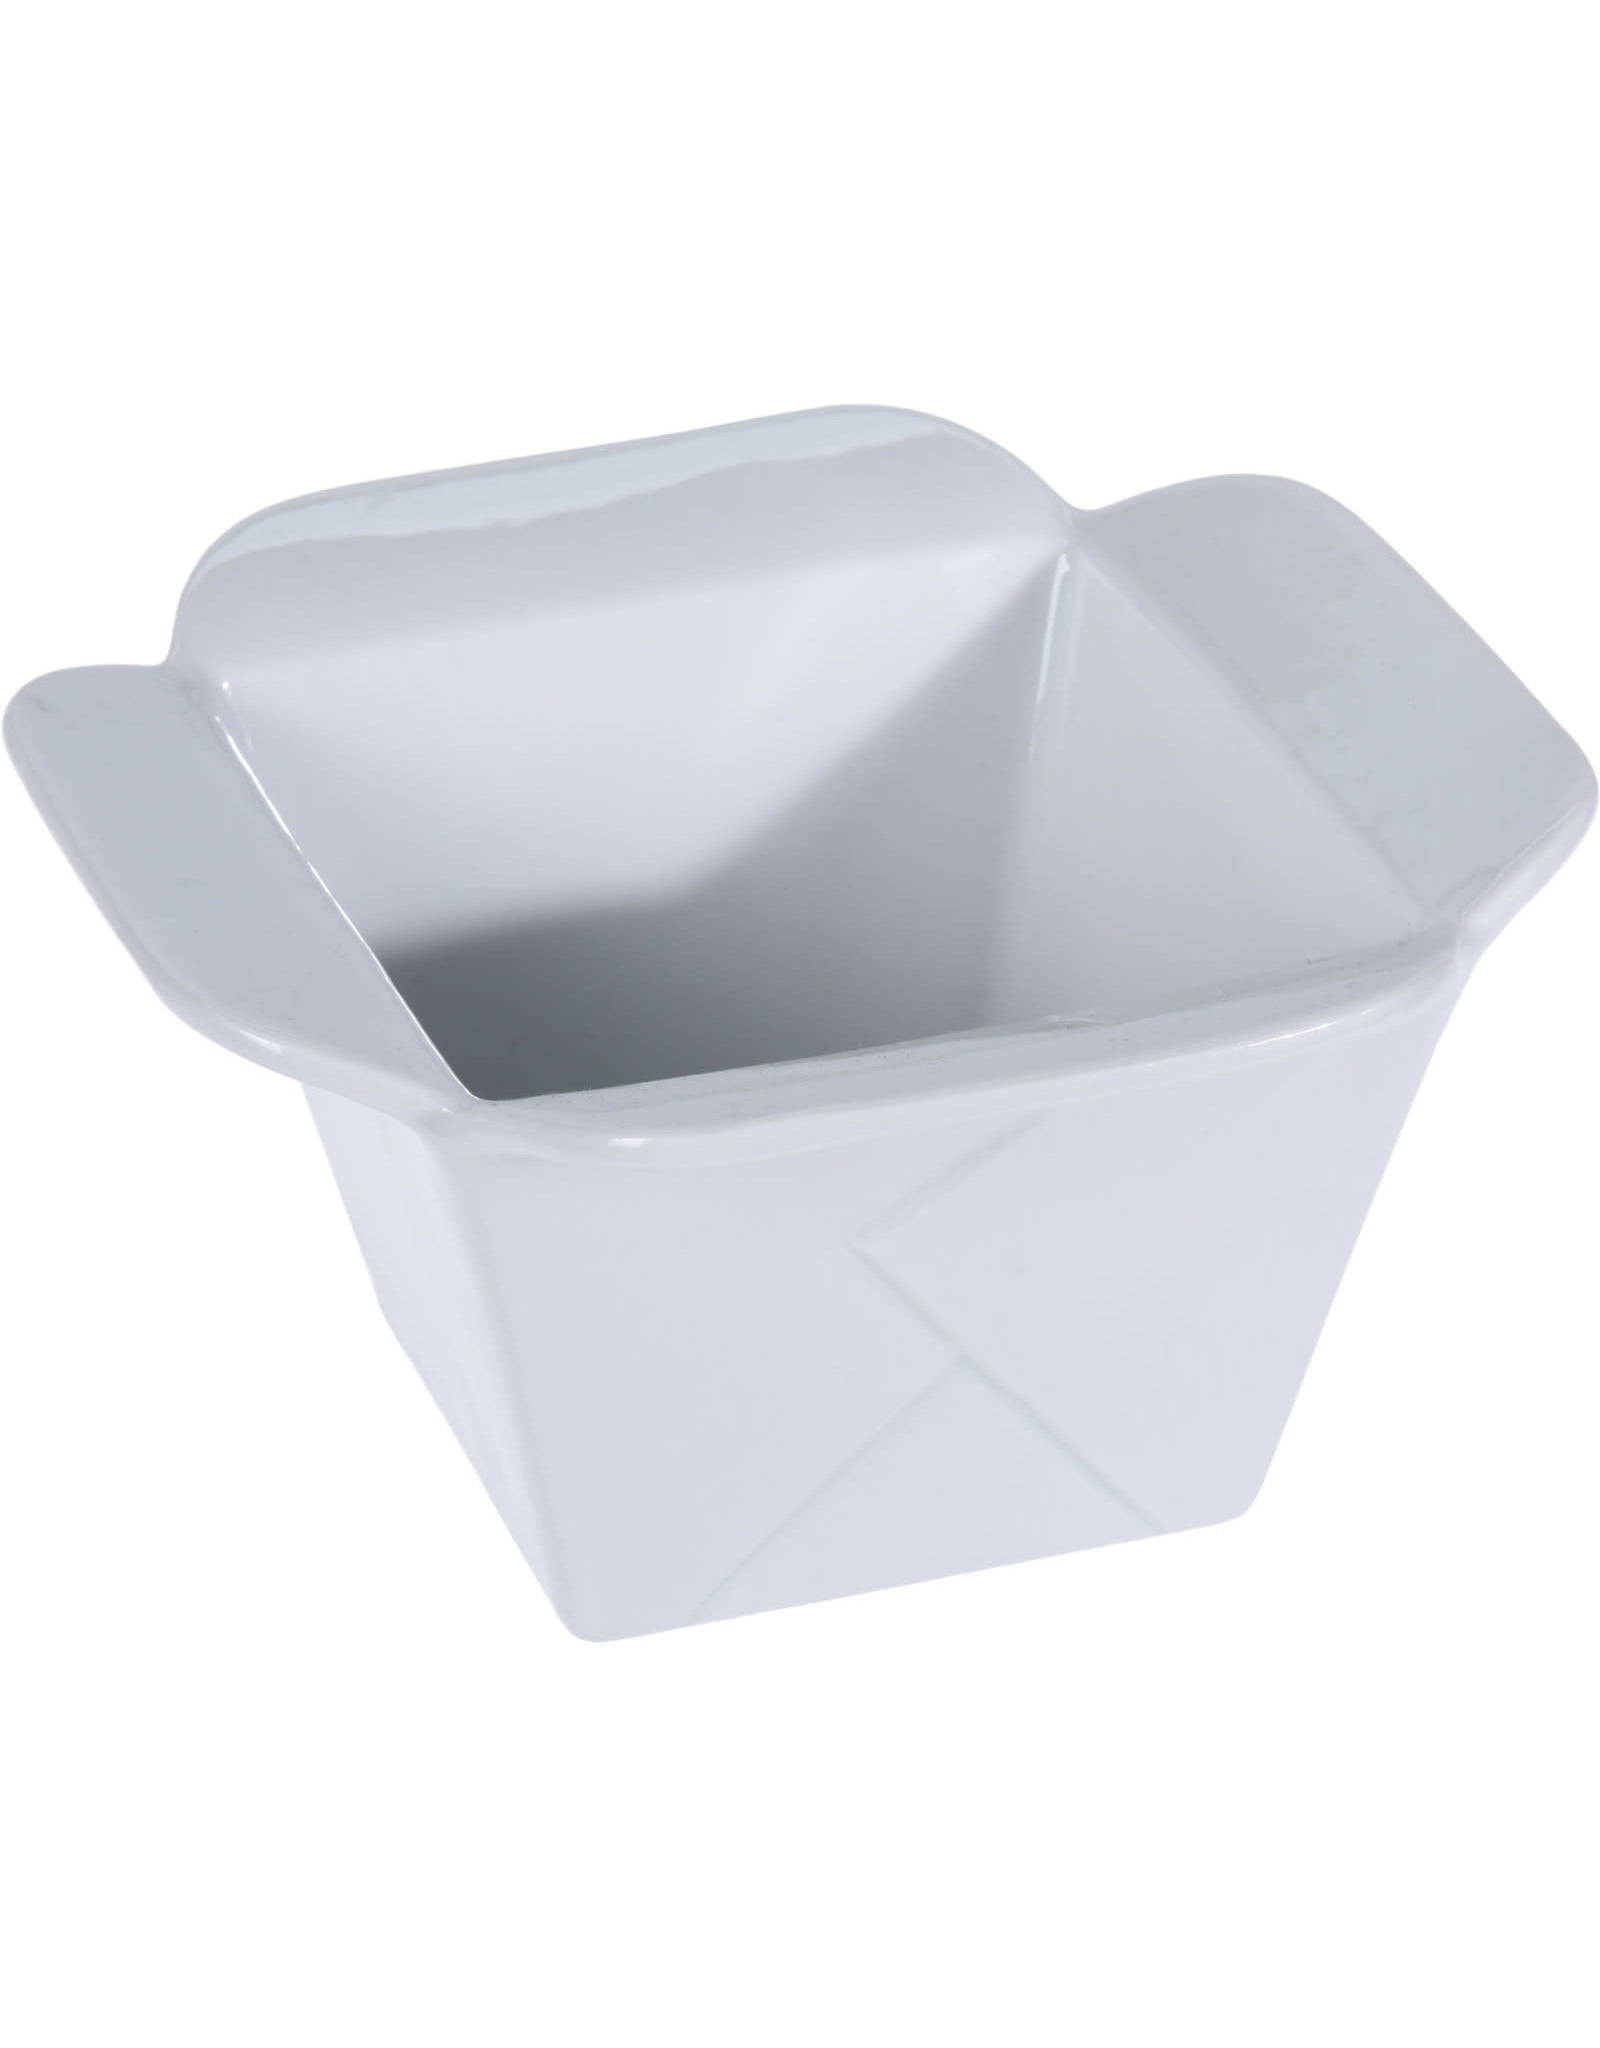 Koopman Bowl Porcelain 150X150X82Mm